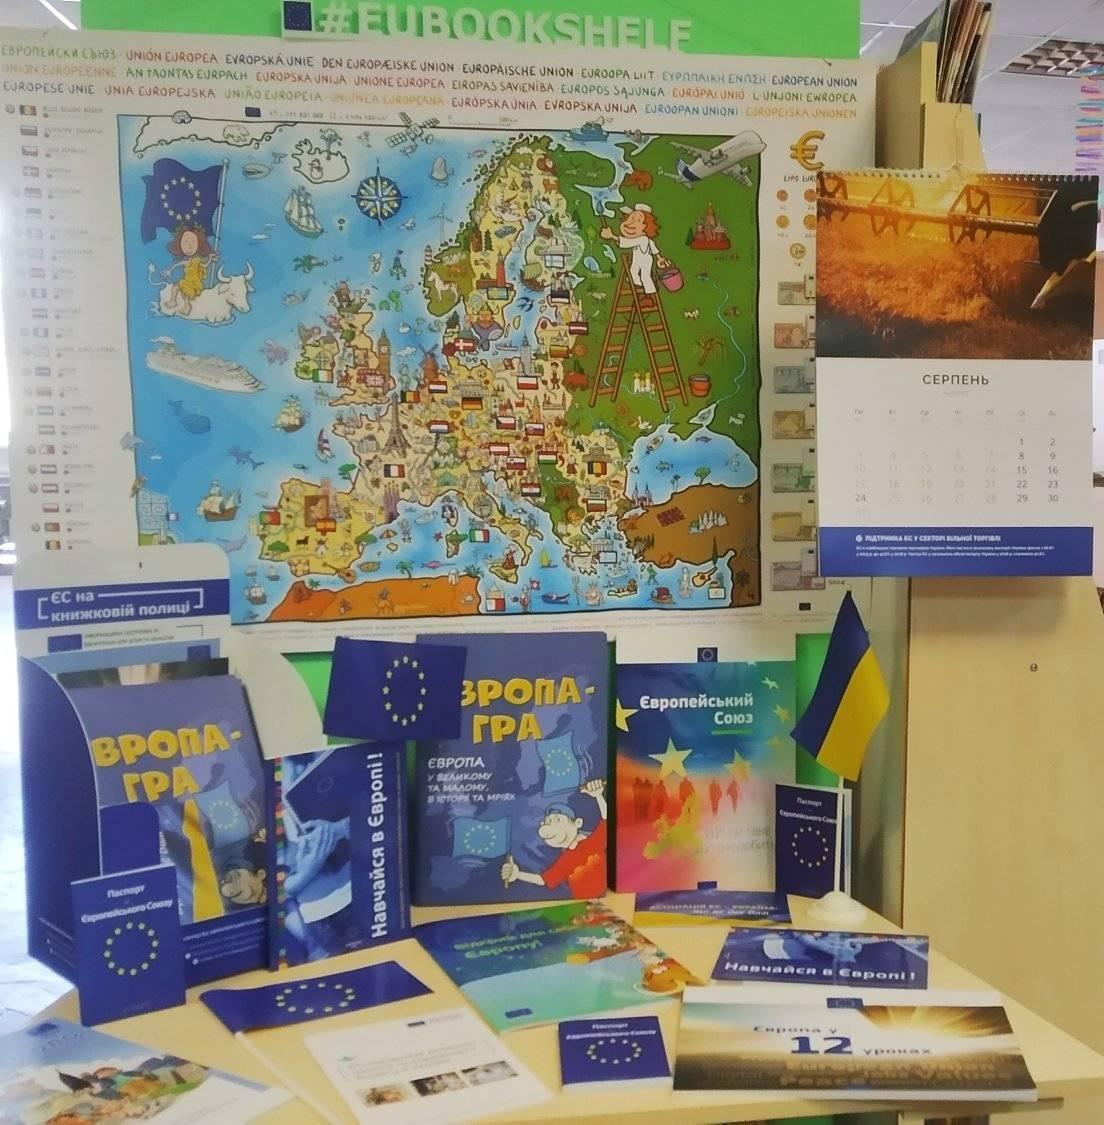 Дружківка: В «Грайлику»  з'явився куточок «Євросоюз на книжковій полиці», фото-1